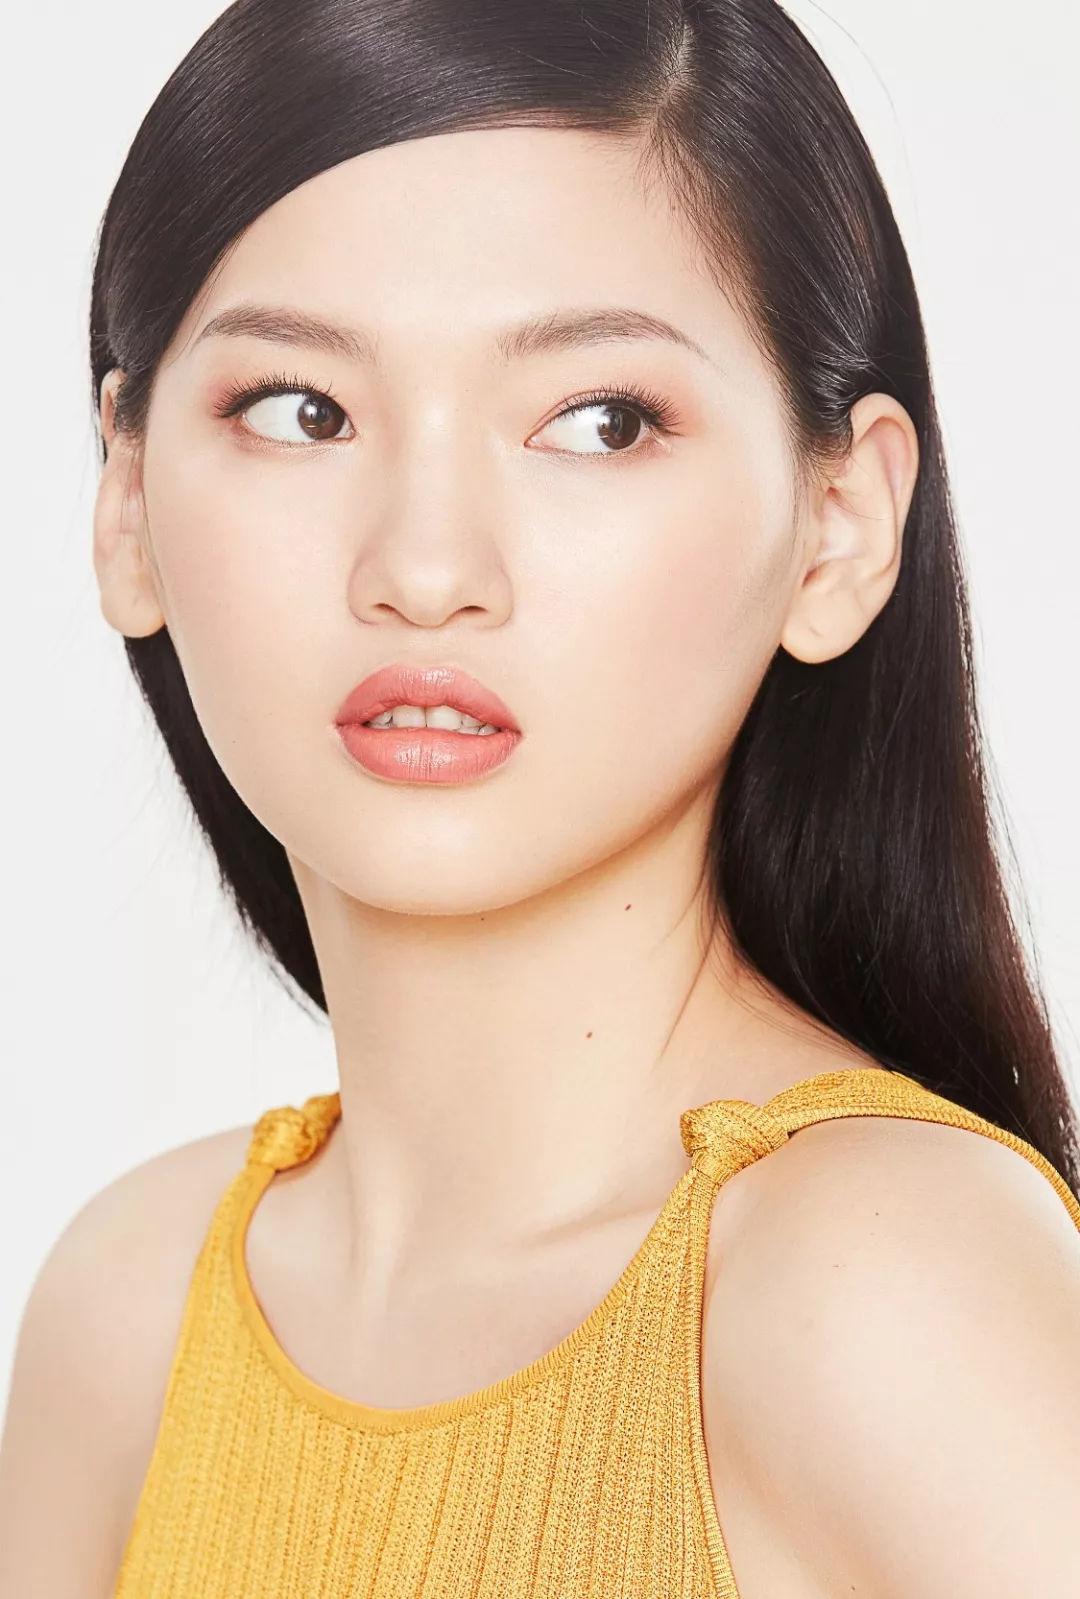 大学生美妆大赛_【模特大学生】郭艳最新美妆时尚大片 浓抹淡妆两相宜